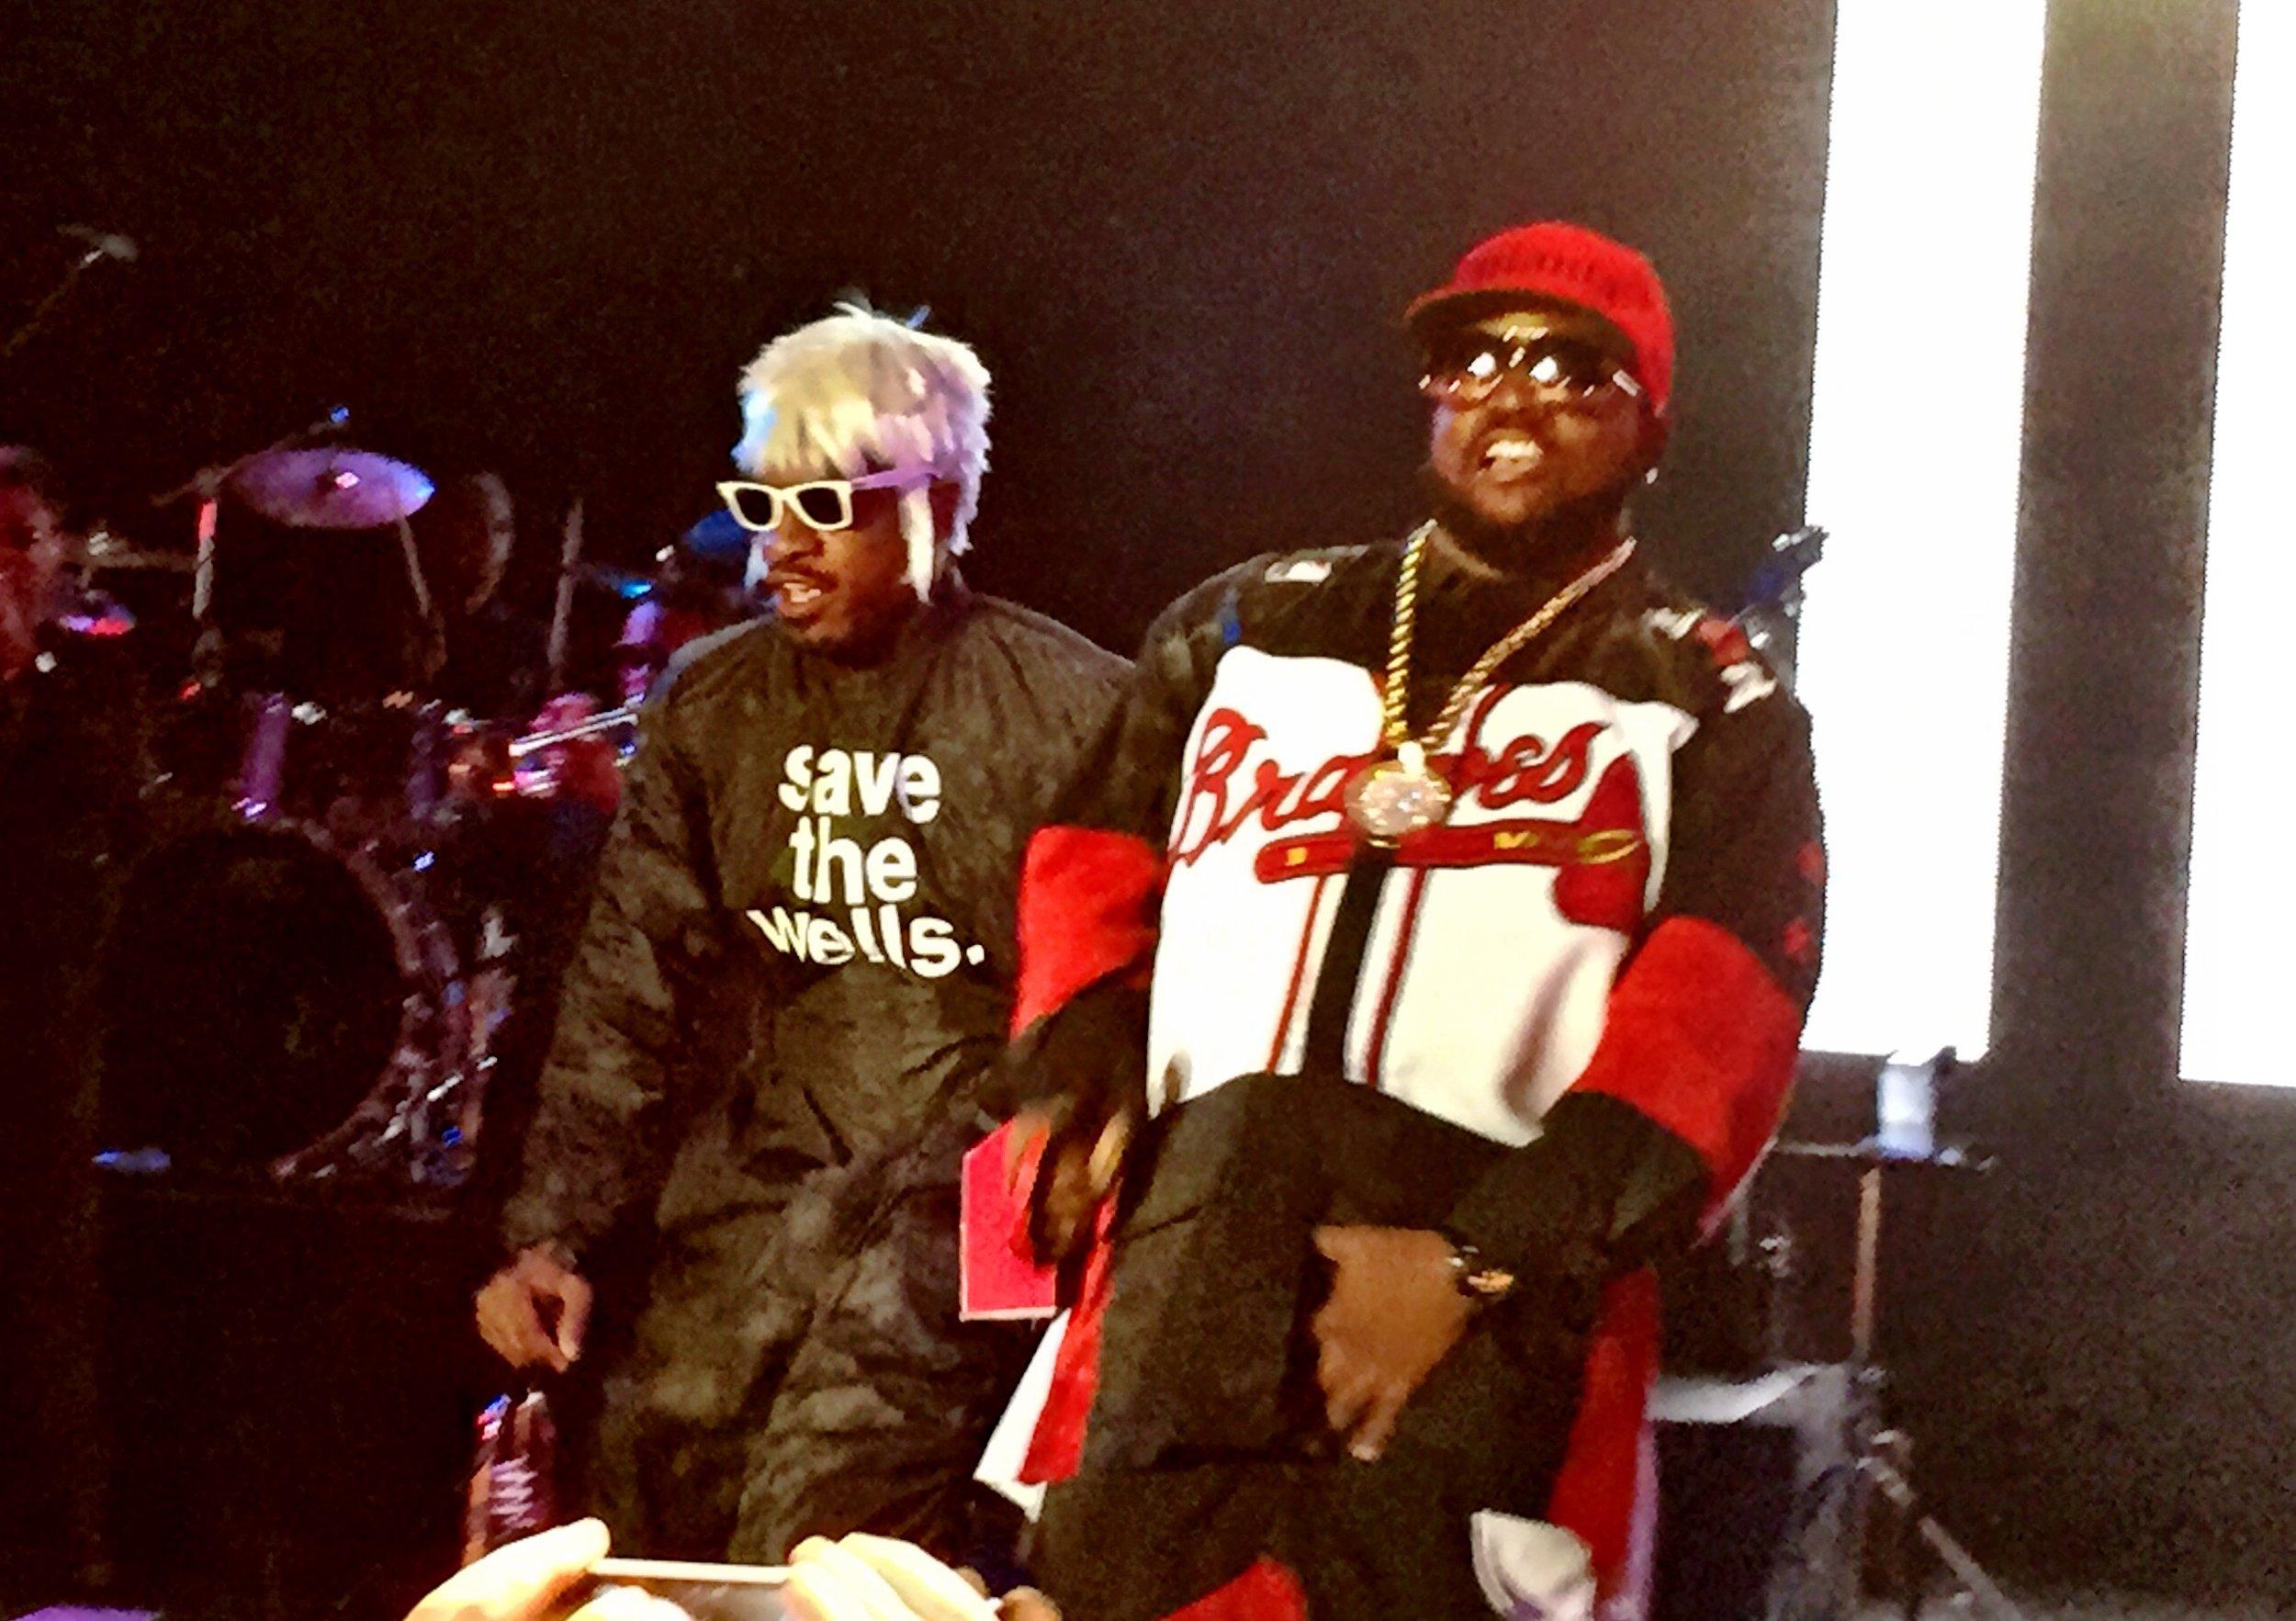 OutKast_Andre_3000_Big_Boi_Performing_Shankbone_2014.jpg